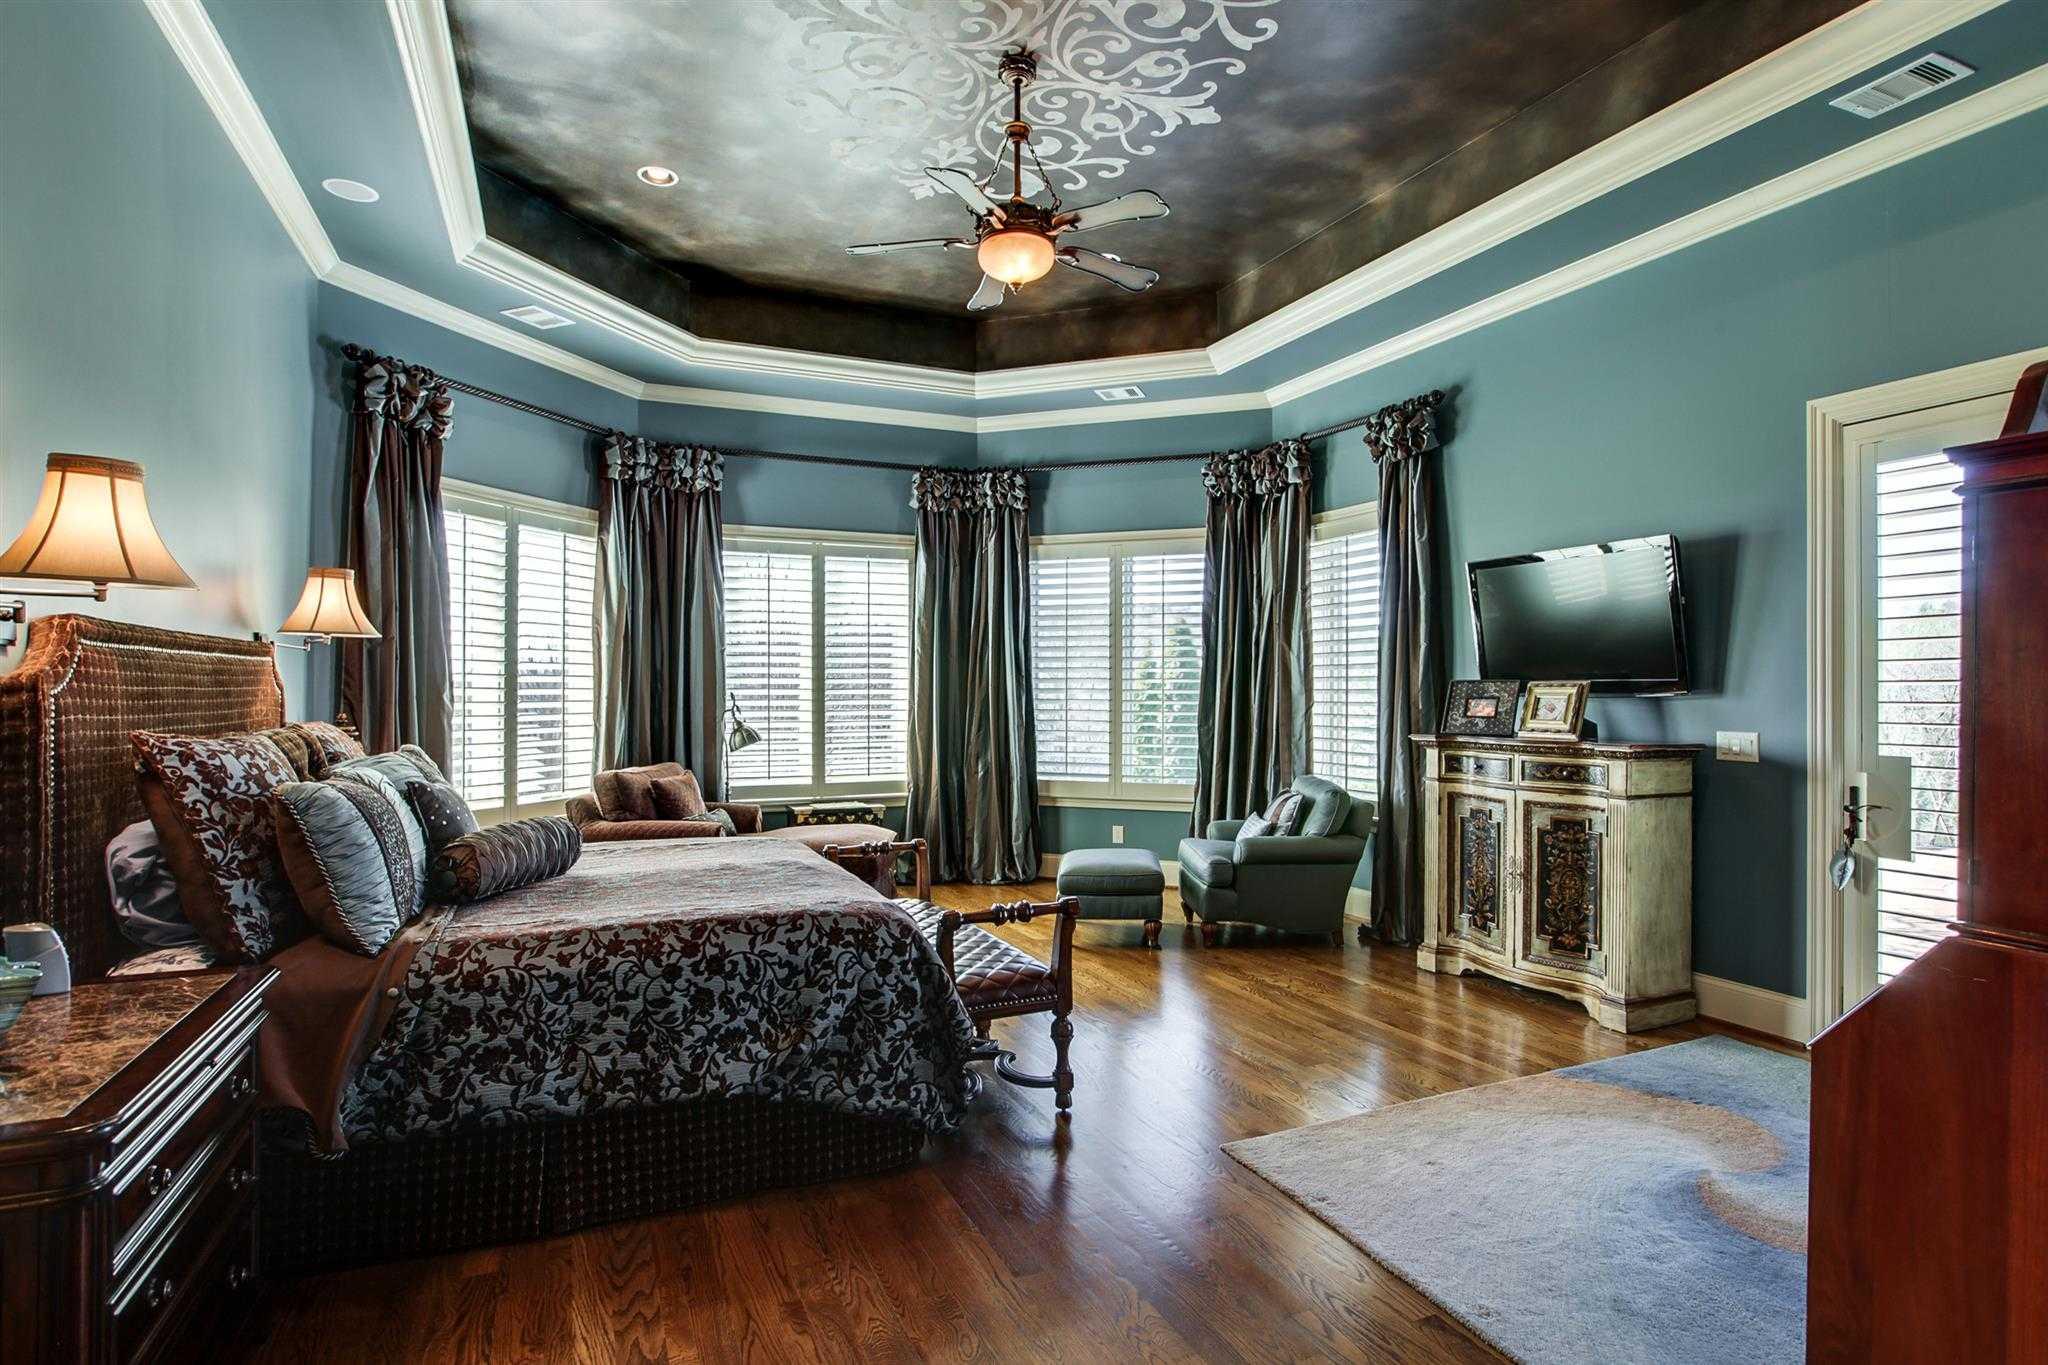 2 bedroom suites nashville tn - home decoration